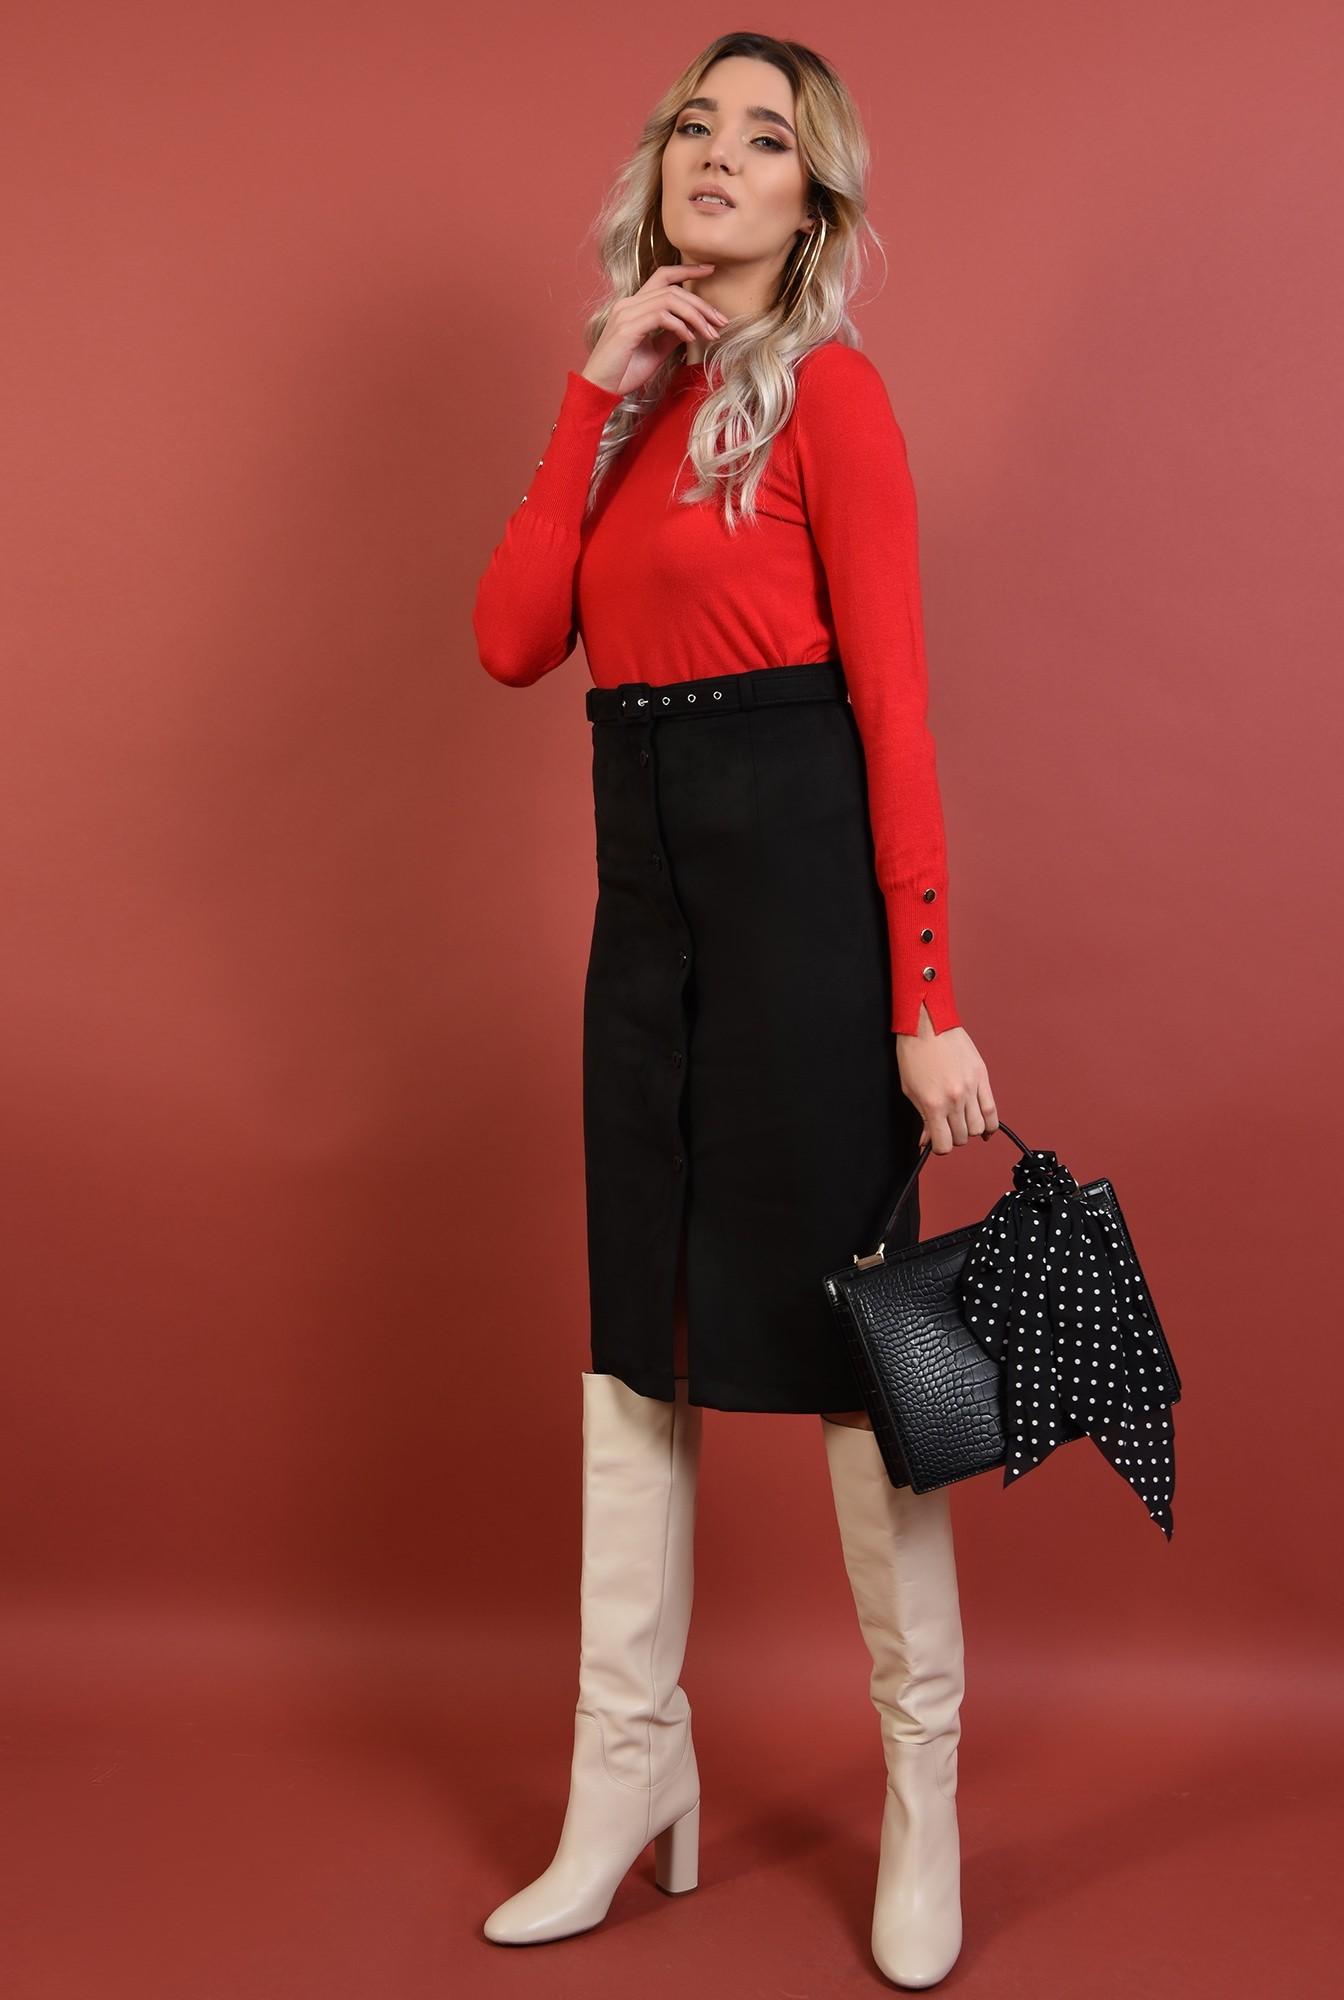 3 - pulover rosu, cu nasturi la mansete,margini reiate, rosu, Poema